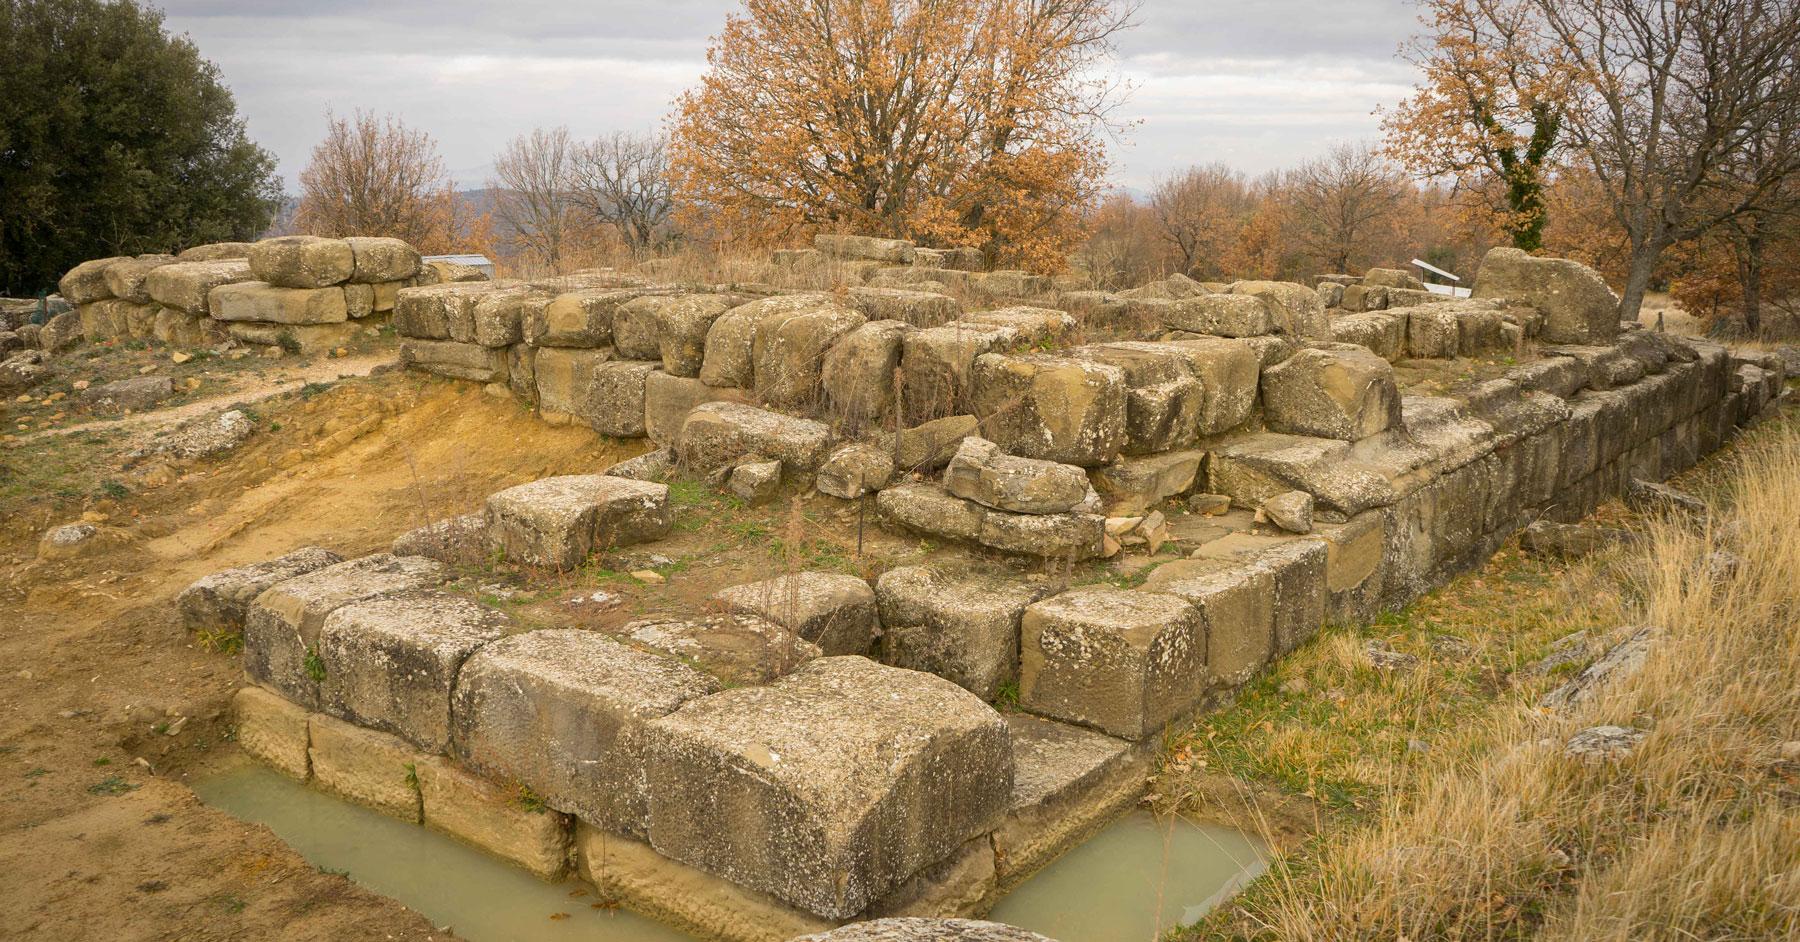 Le Storie di Loz | Sito archeologico di Collemancio